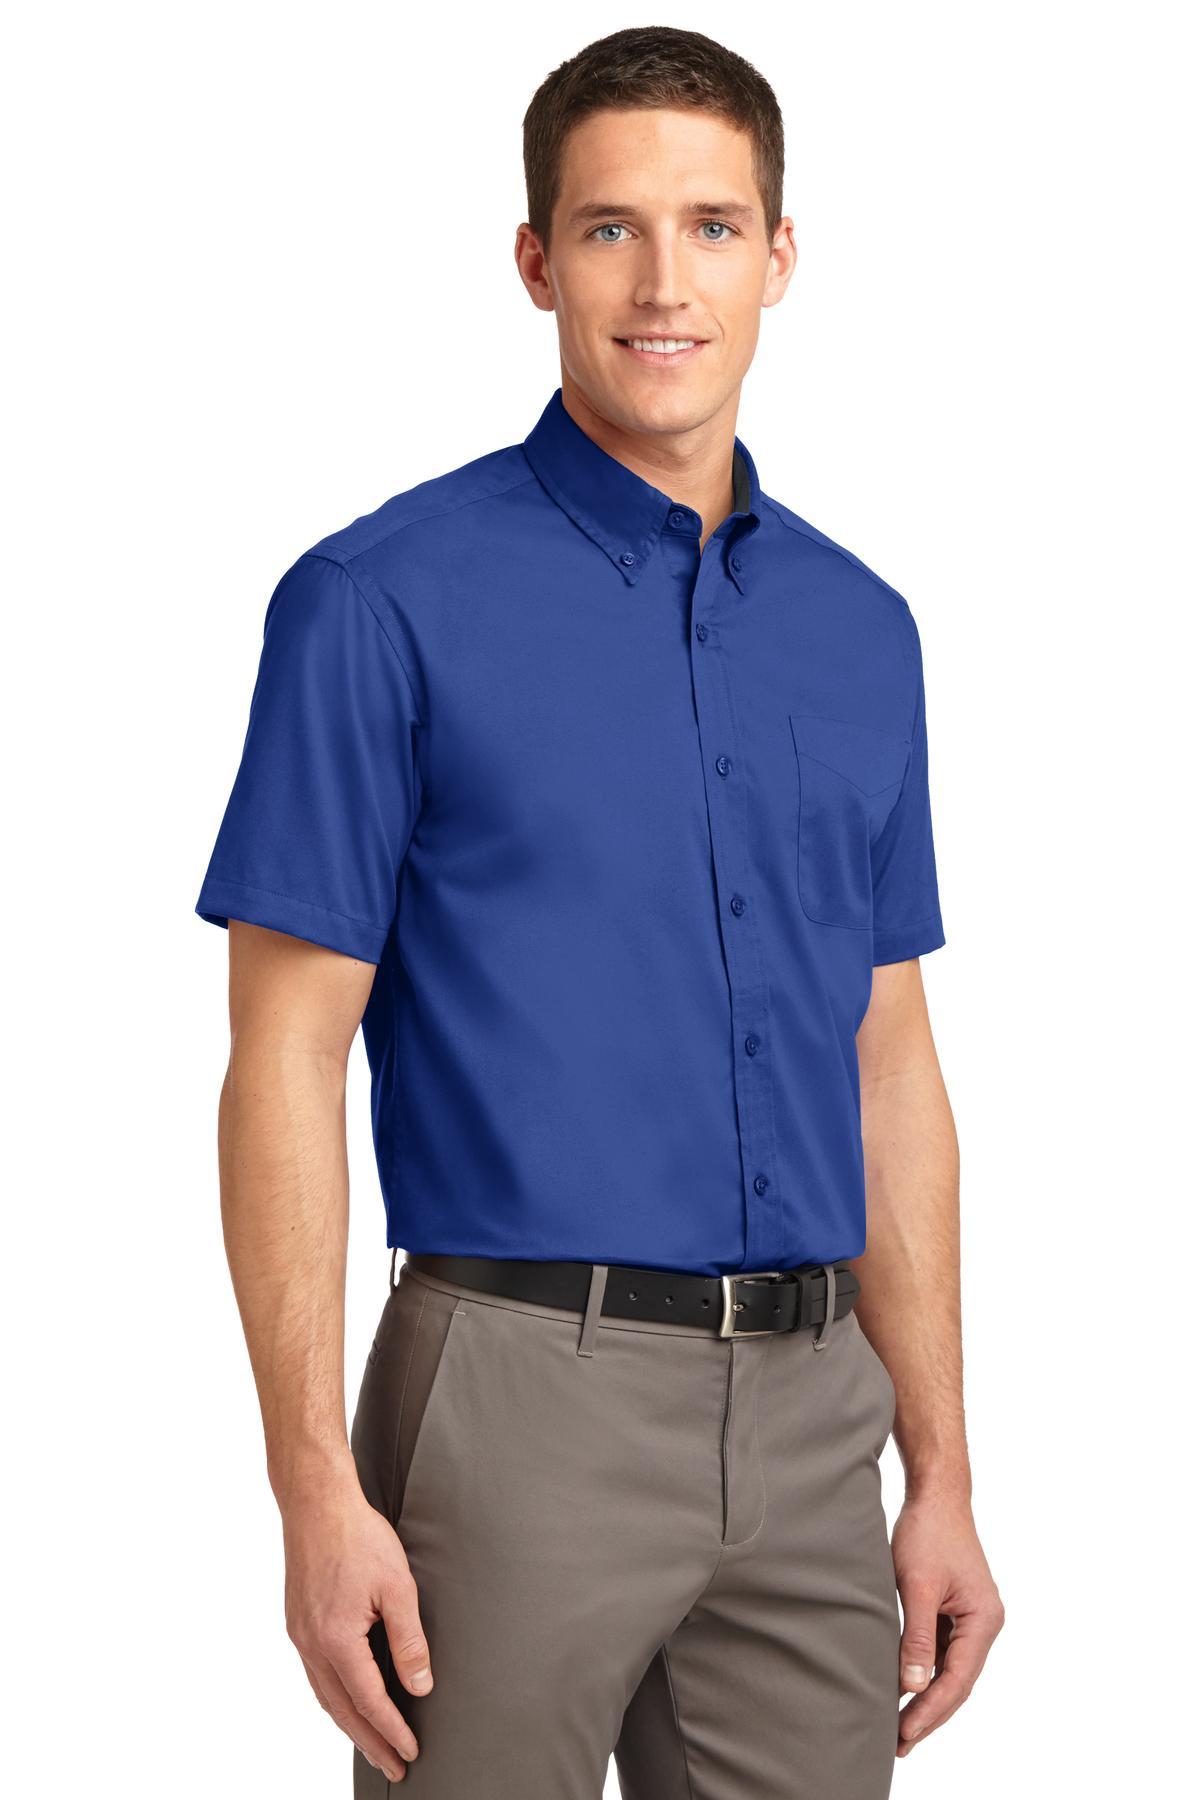 Mens Short Sleeve Twill - RCG1102